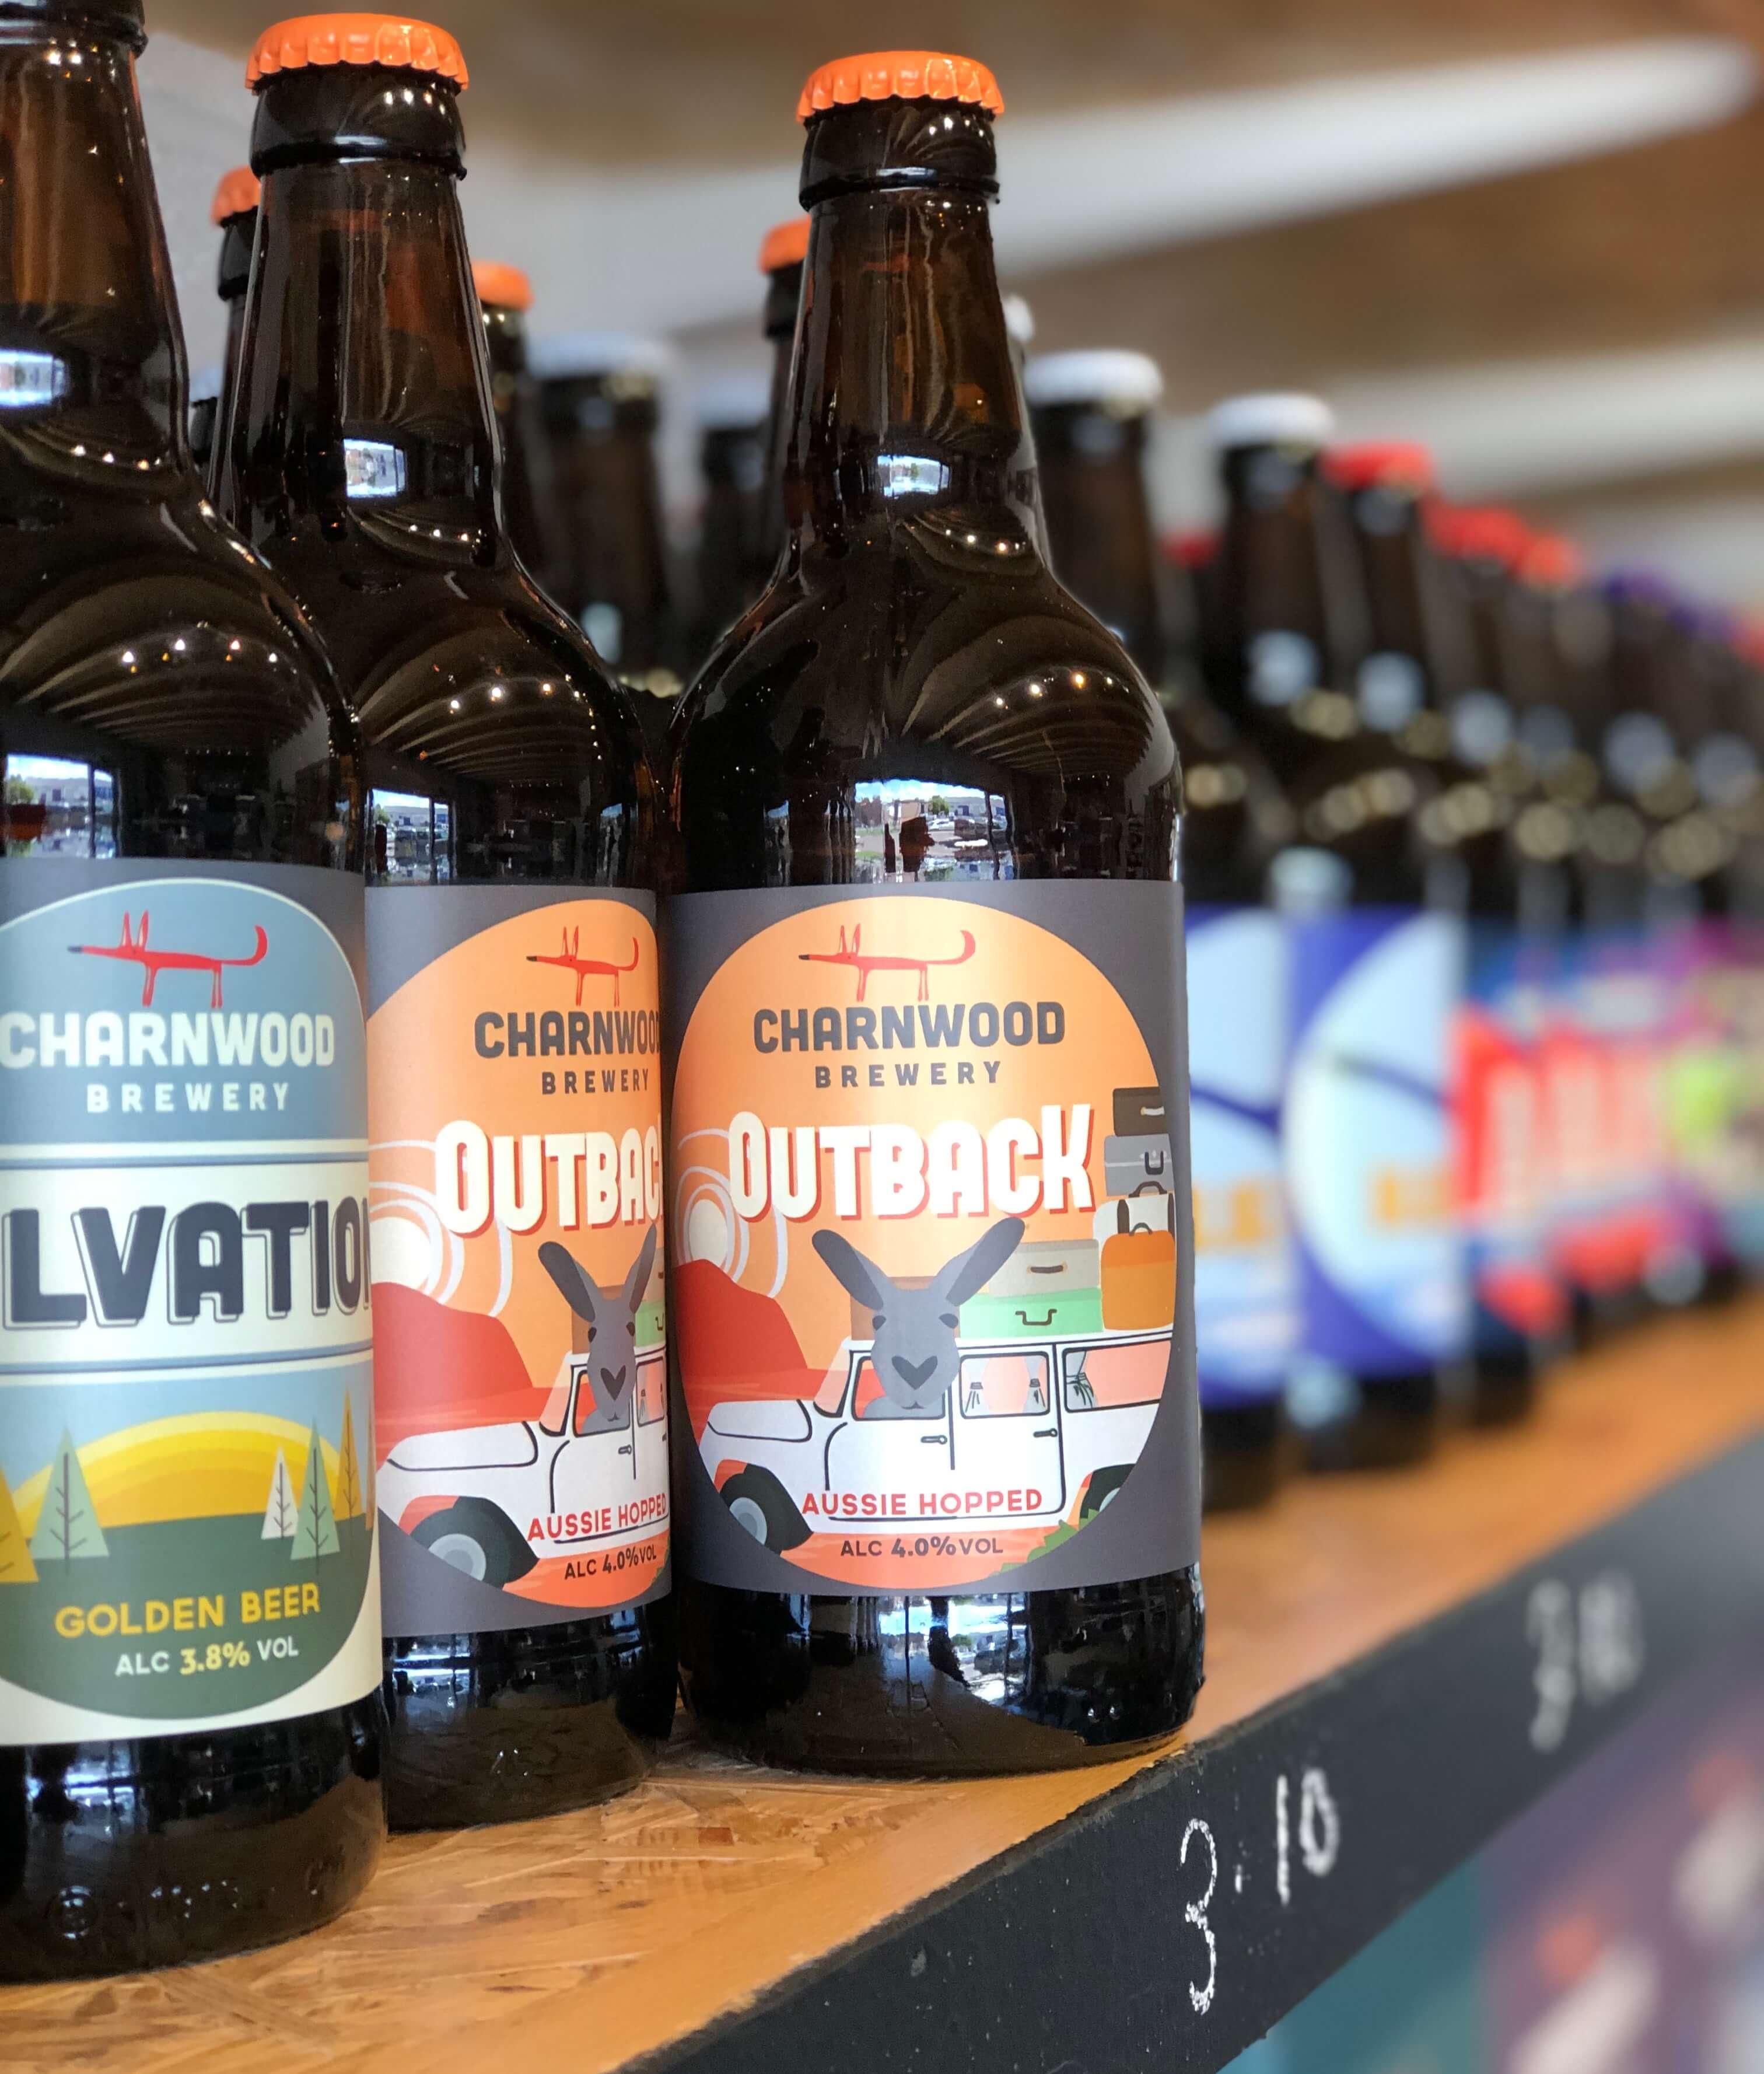 Charnwood Brewery